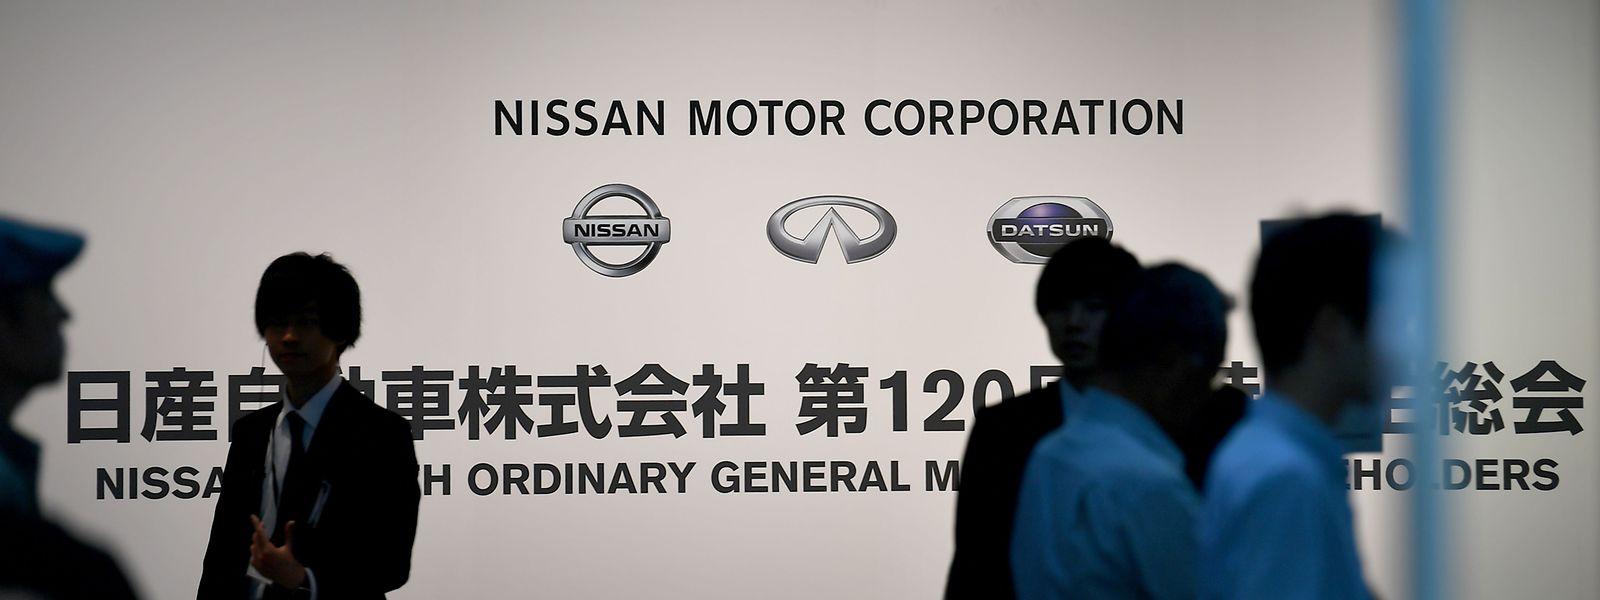 Die Hautversammlung der Nissan-Aktionäre findet am Dienstag statt.